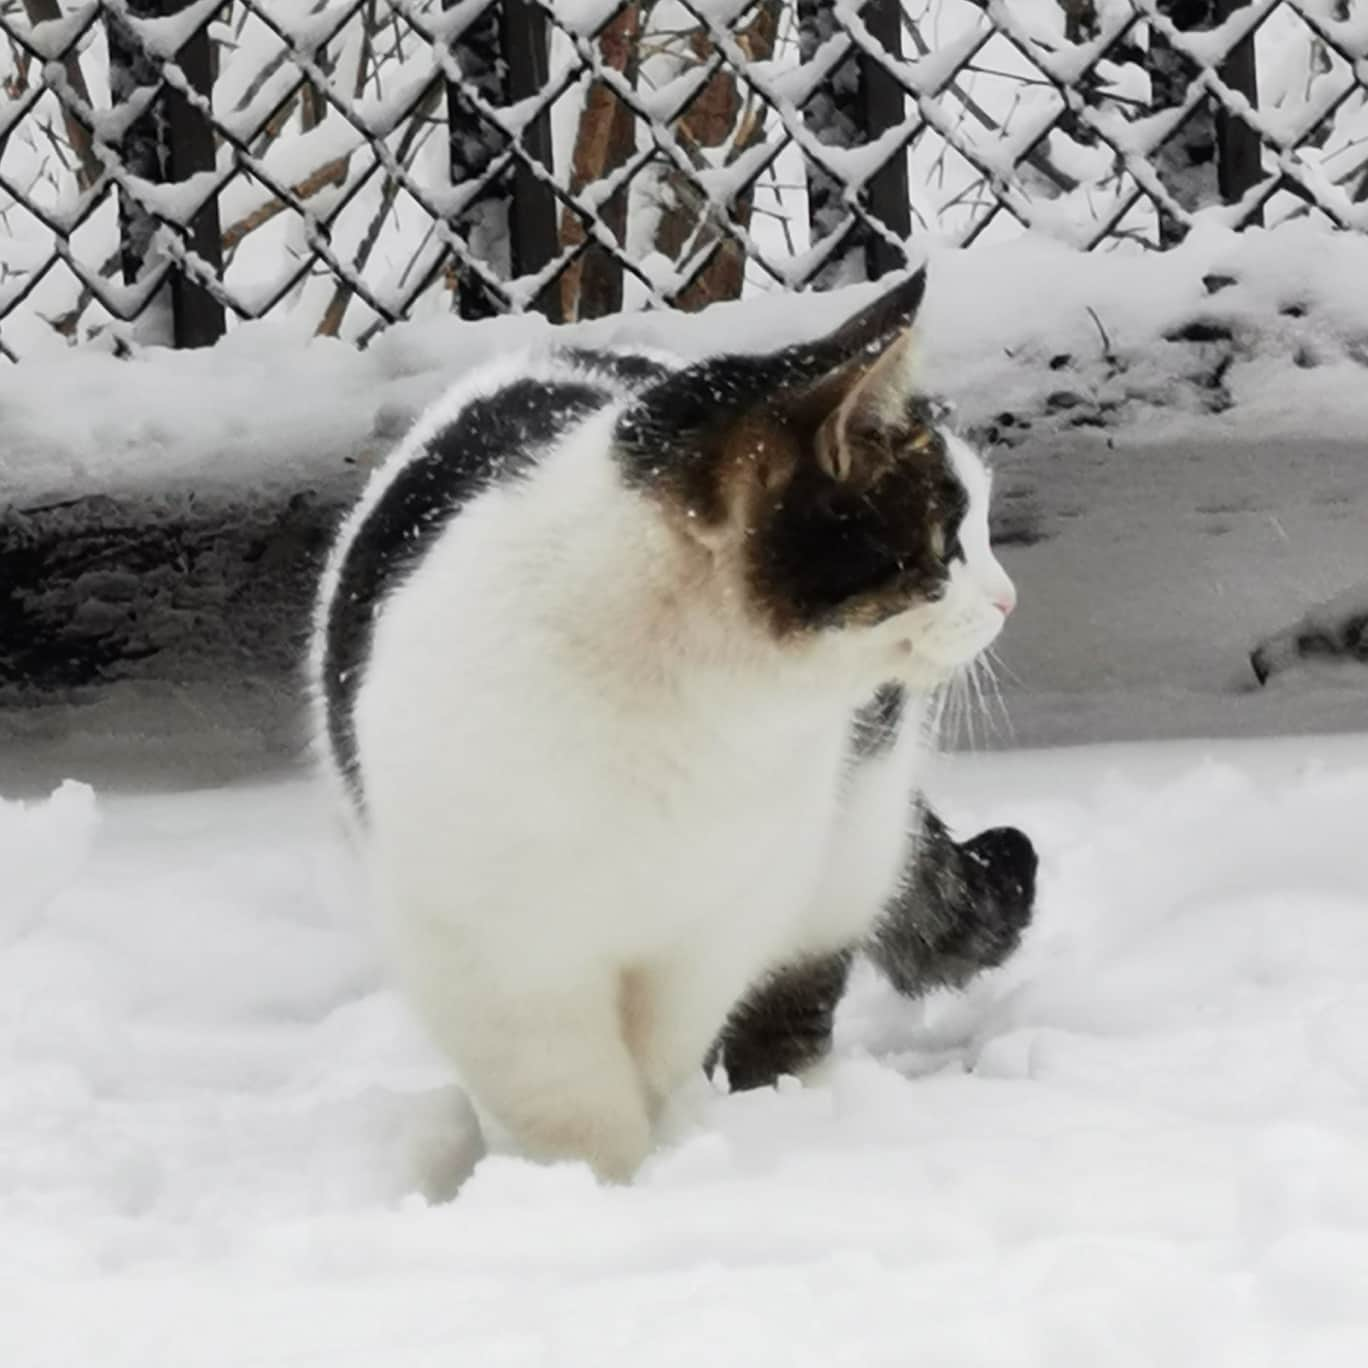 Ну и наша любимая дворовая кошечка по имени Пятнистая.